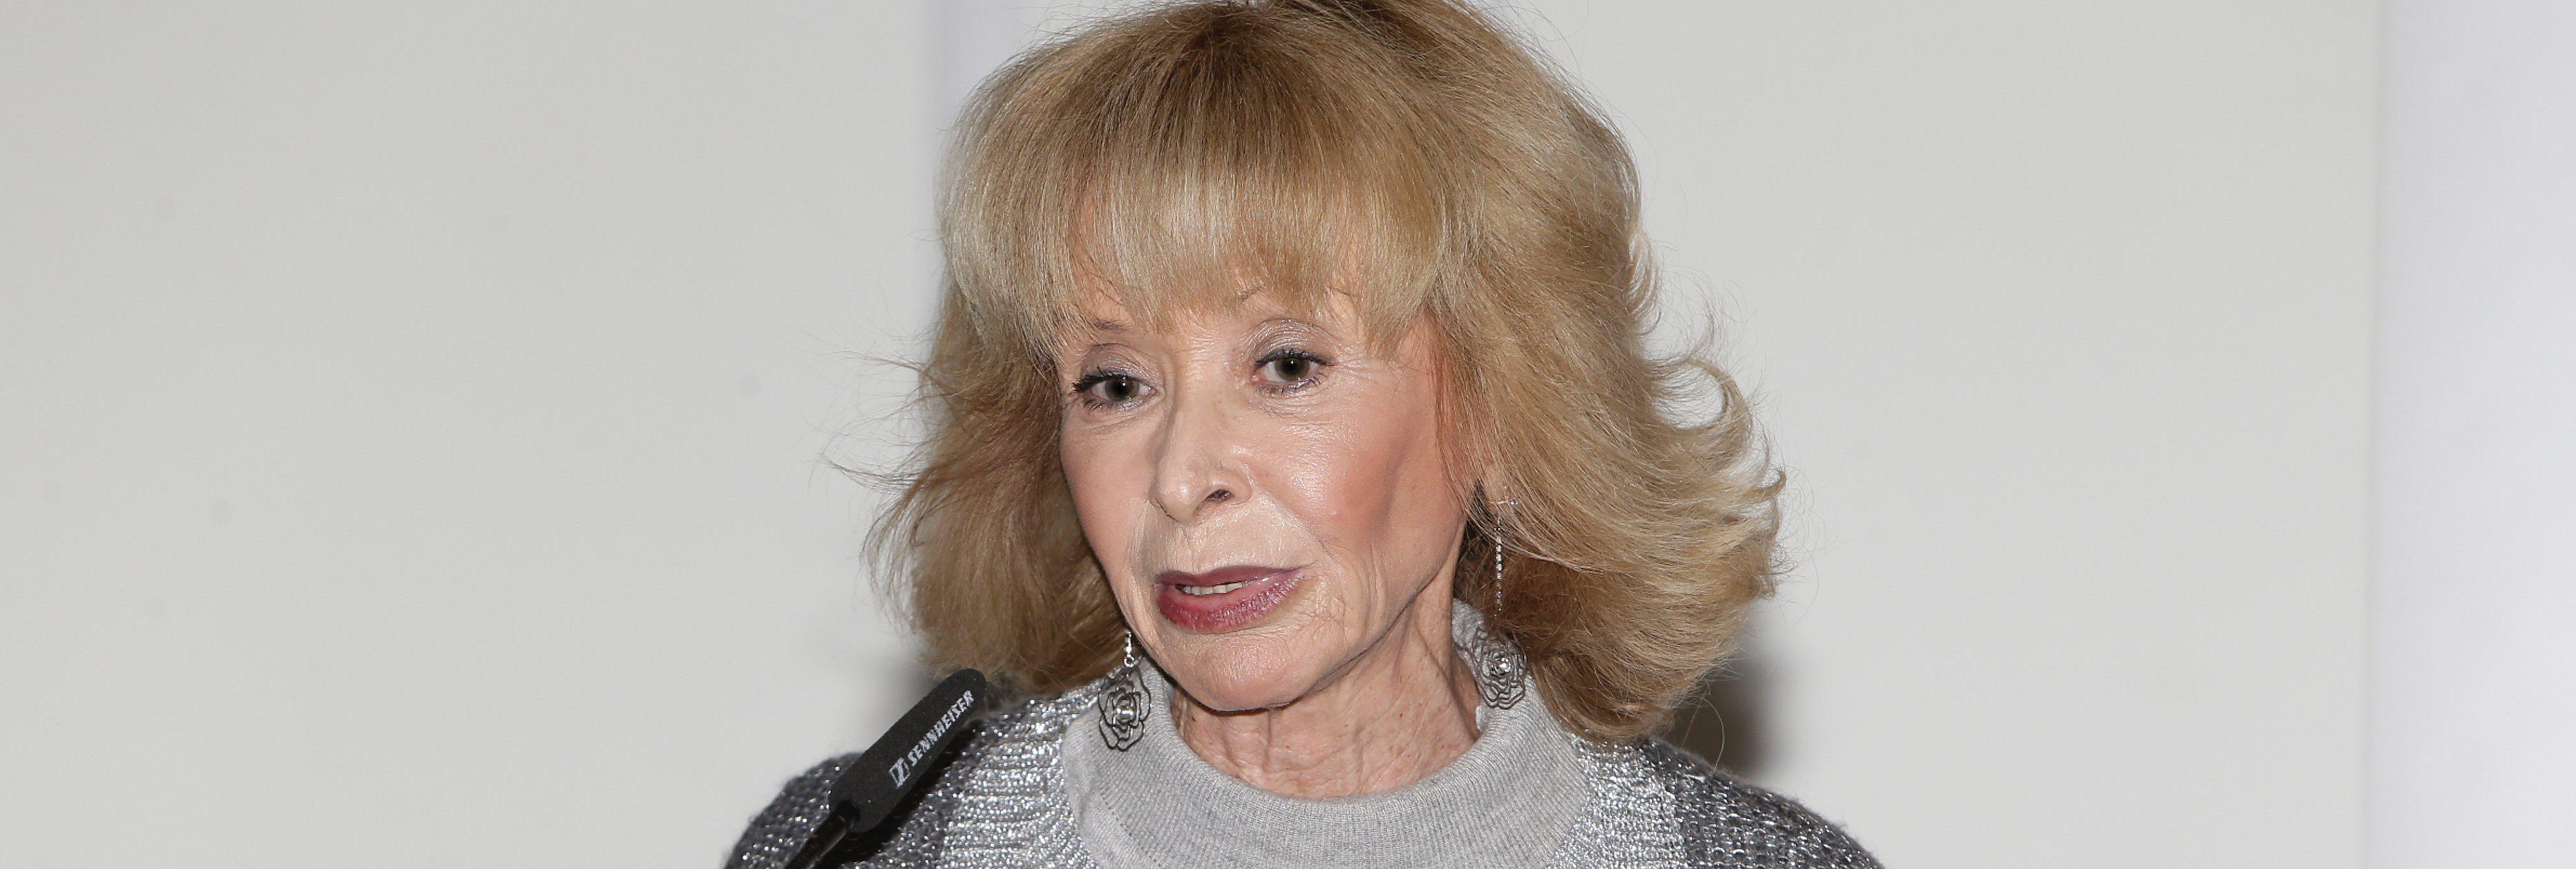 María Teresa Fernández de la Vega, nueva presidenta del Consejo de Estado